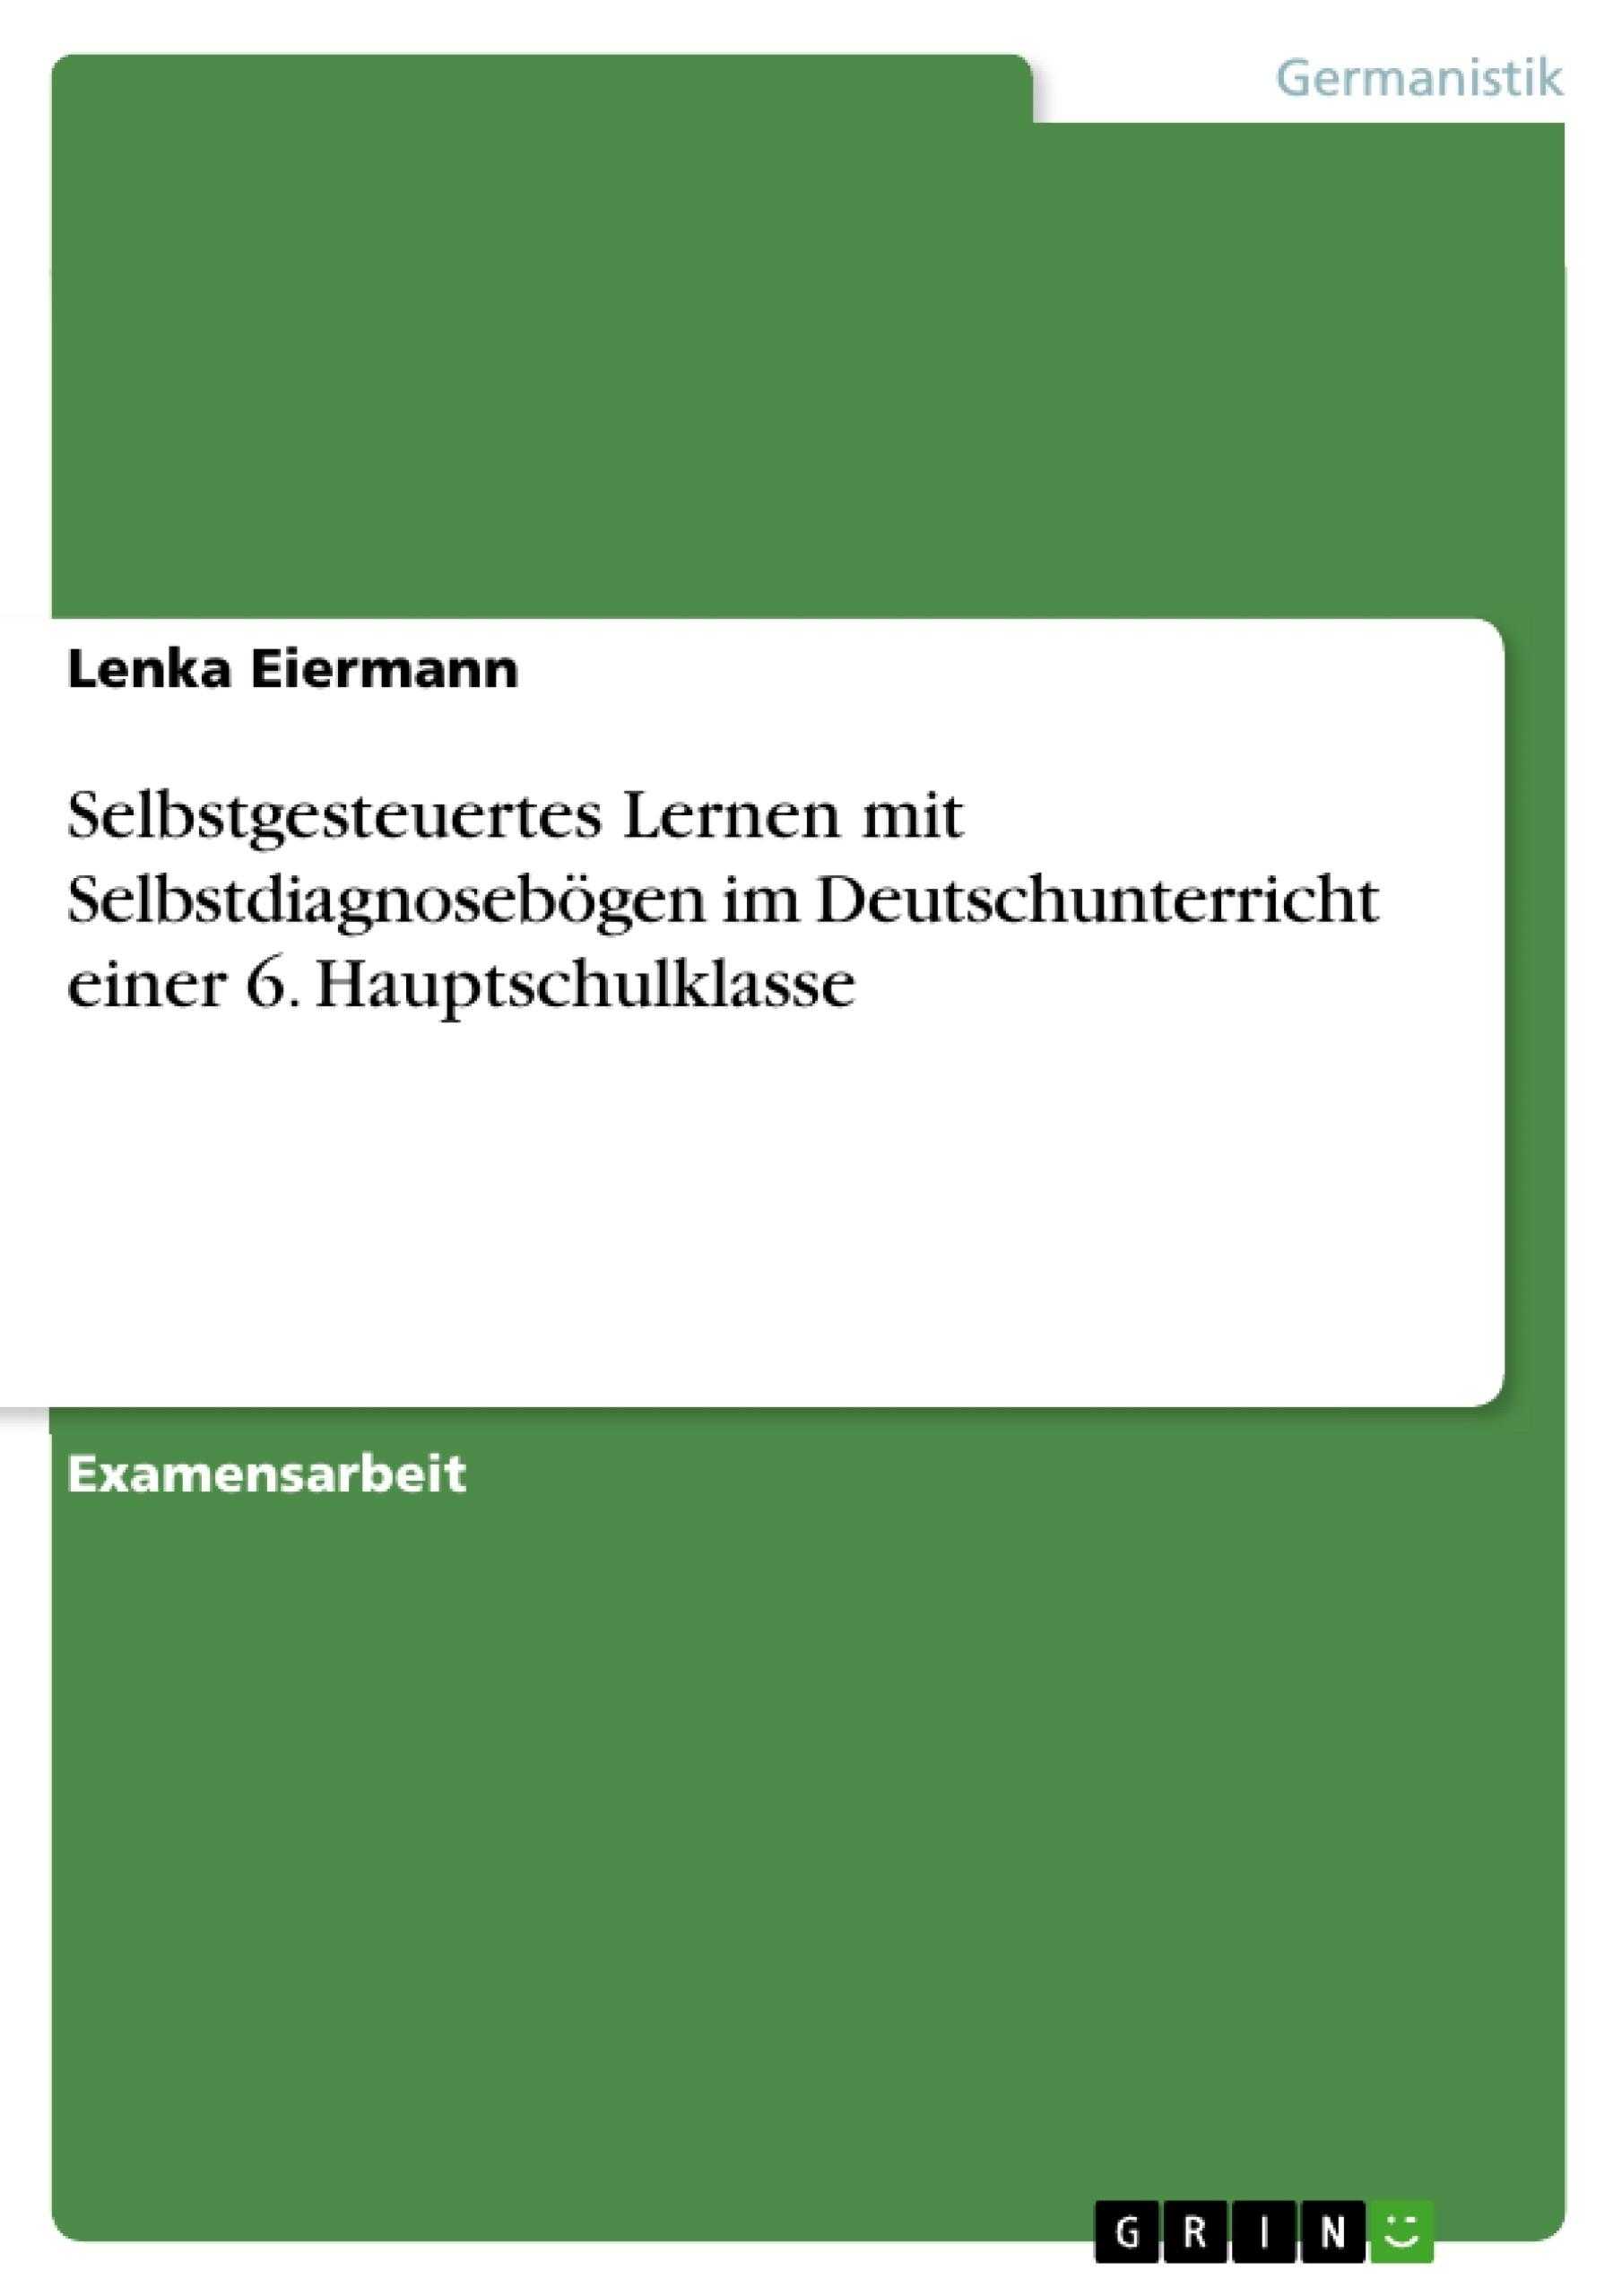 Titel: Selbstgesteuertes Lernen mit Selbstdiagnosebögen im Deutschunterricht einer 6. Hauptschulklasse